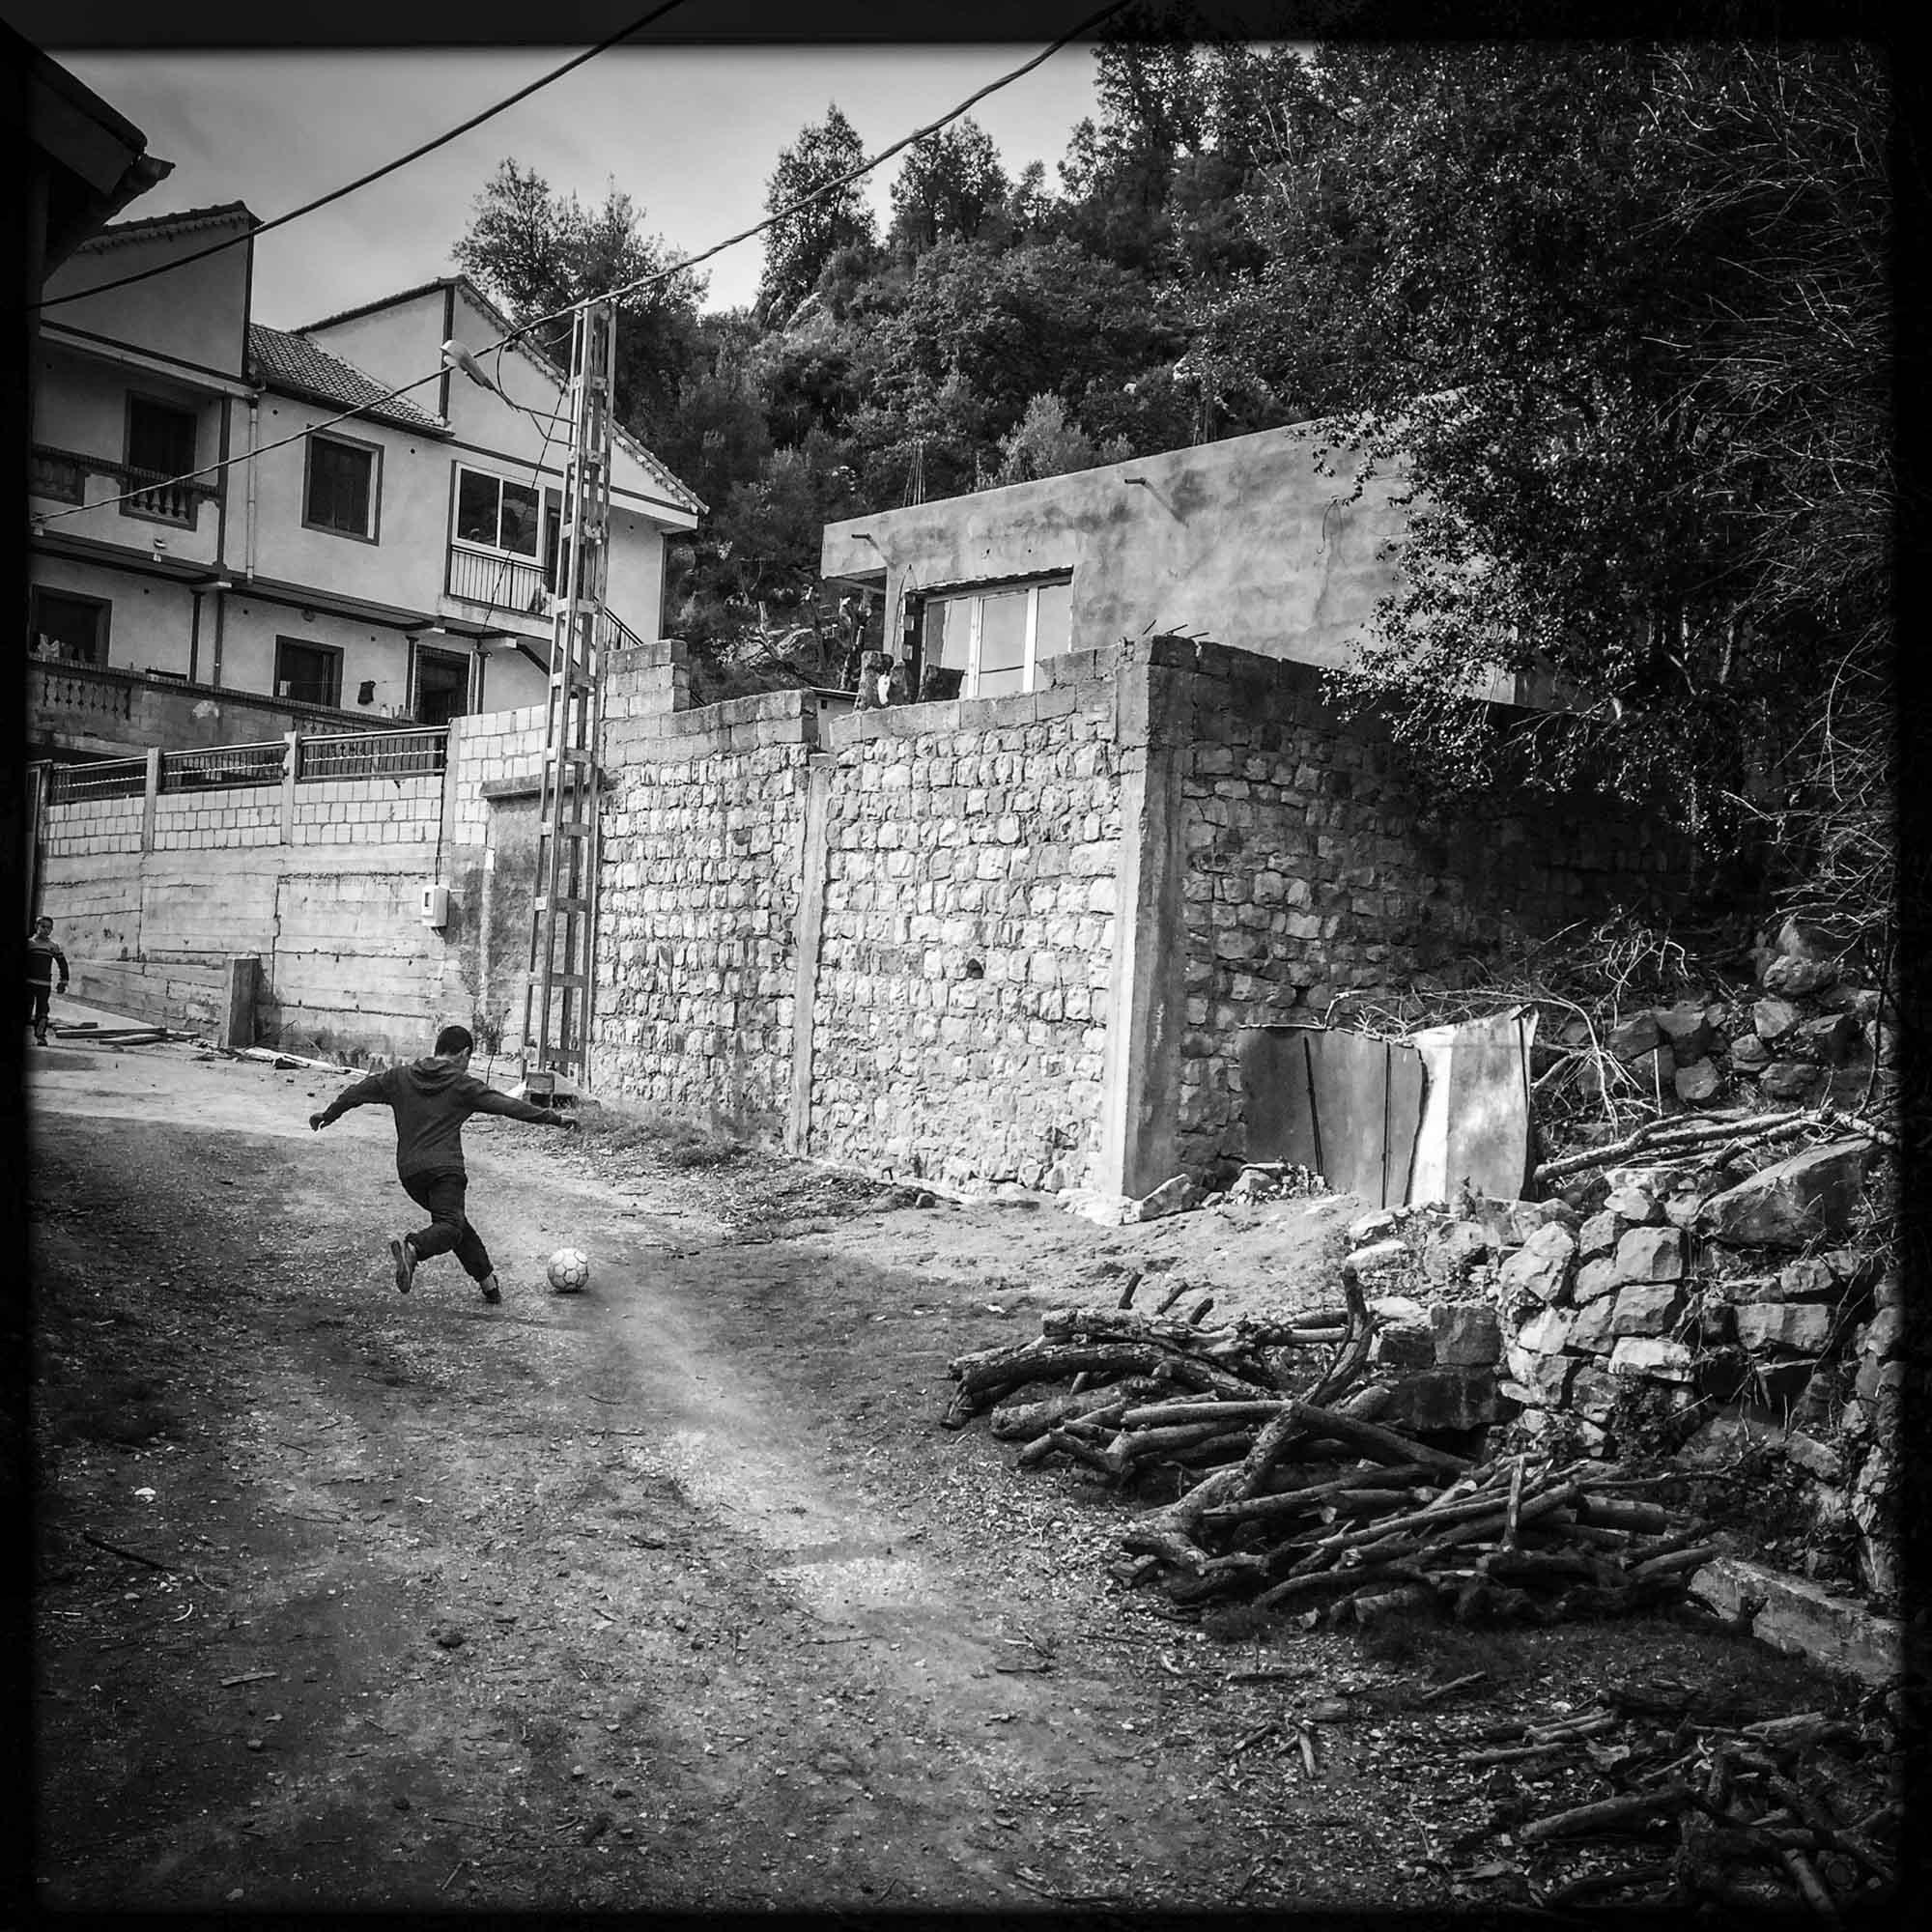 Des enfants jouent au foot. 12/02/2016, Yakouren-ALGERIE.